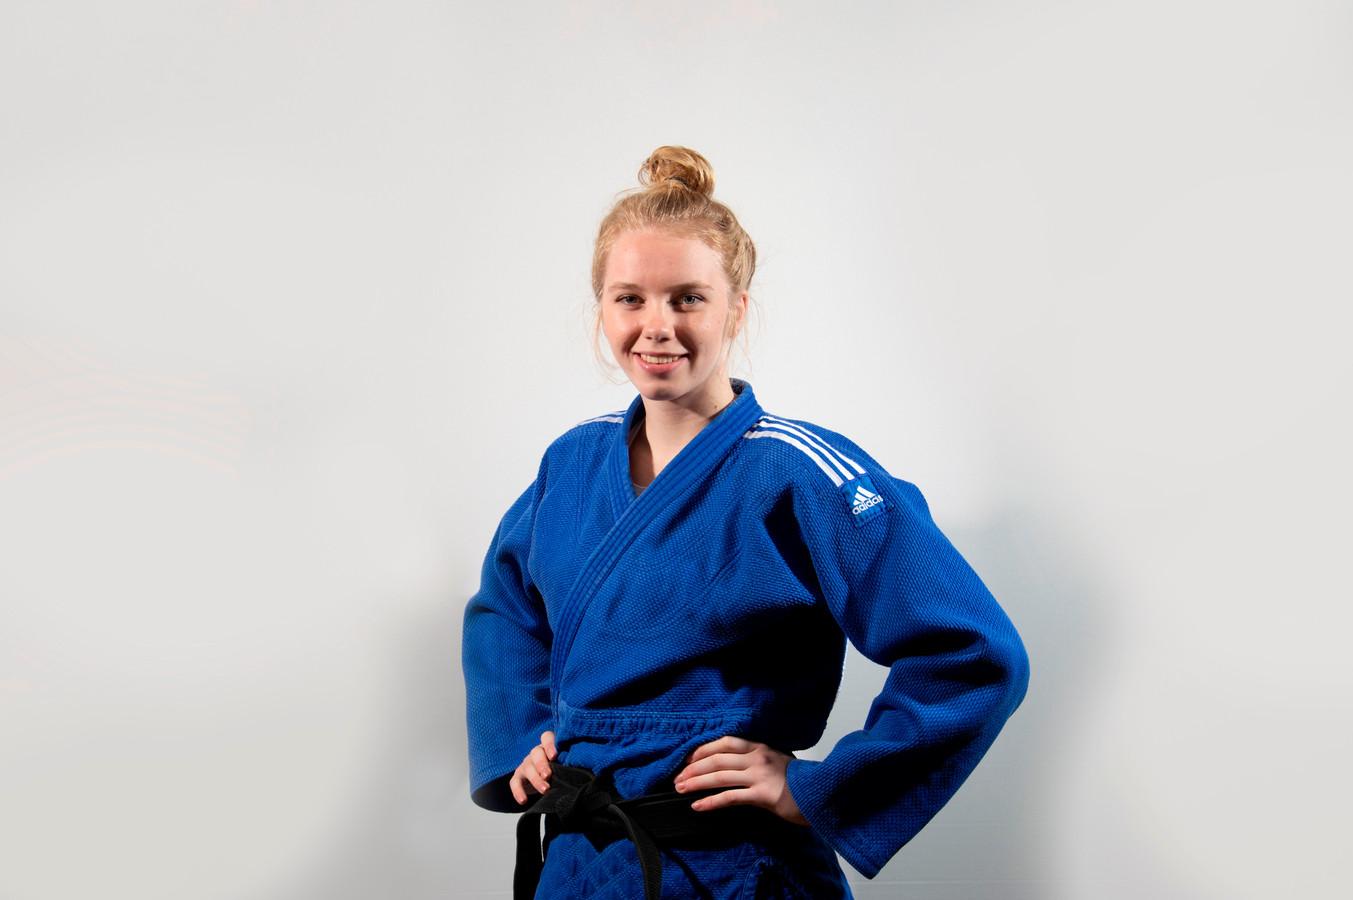 Brons op de Grand Prix van Tasjkent voor de Markelose judoka Hilde Jager.